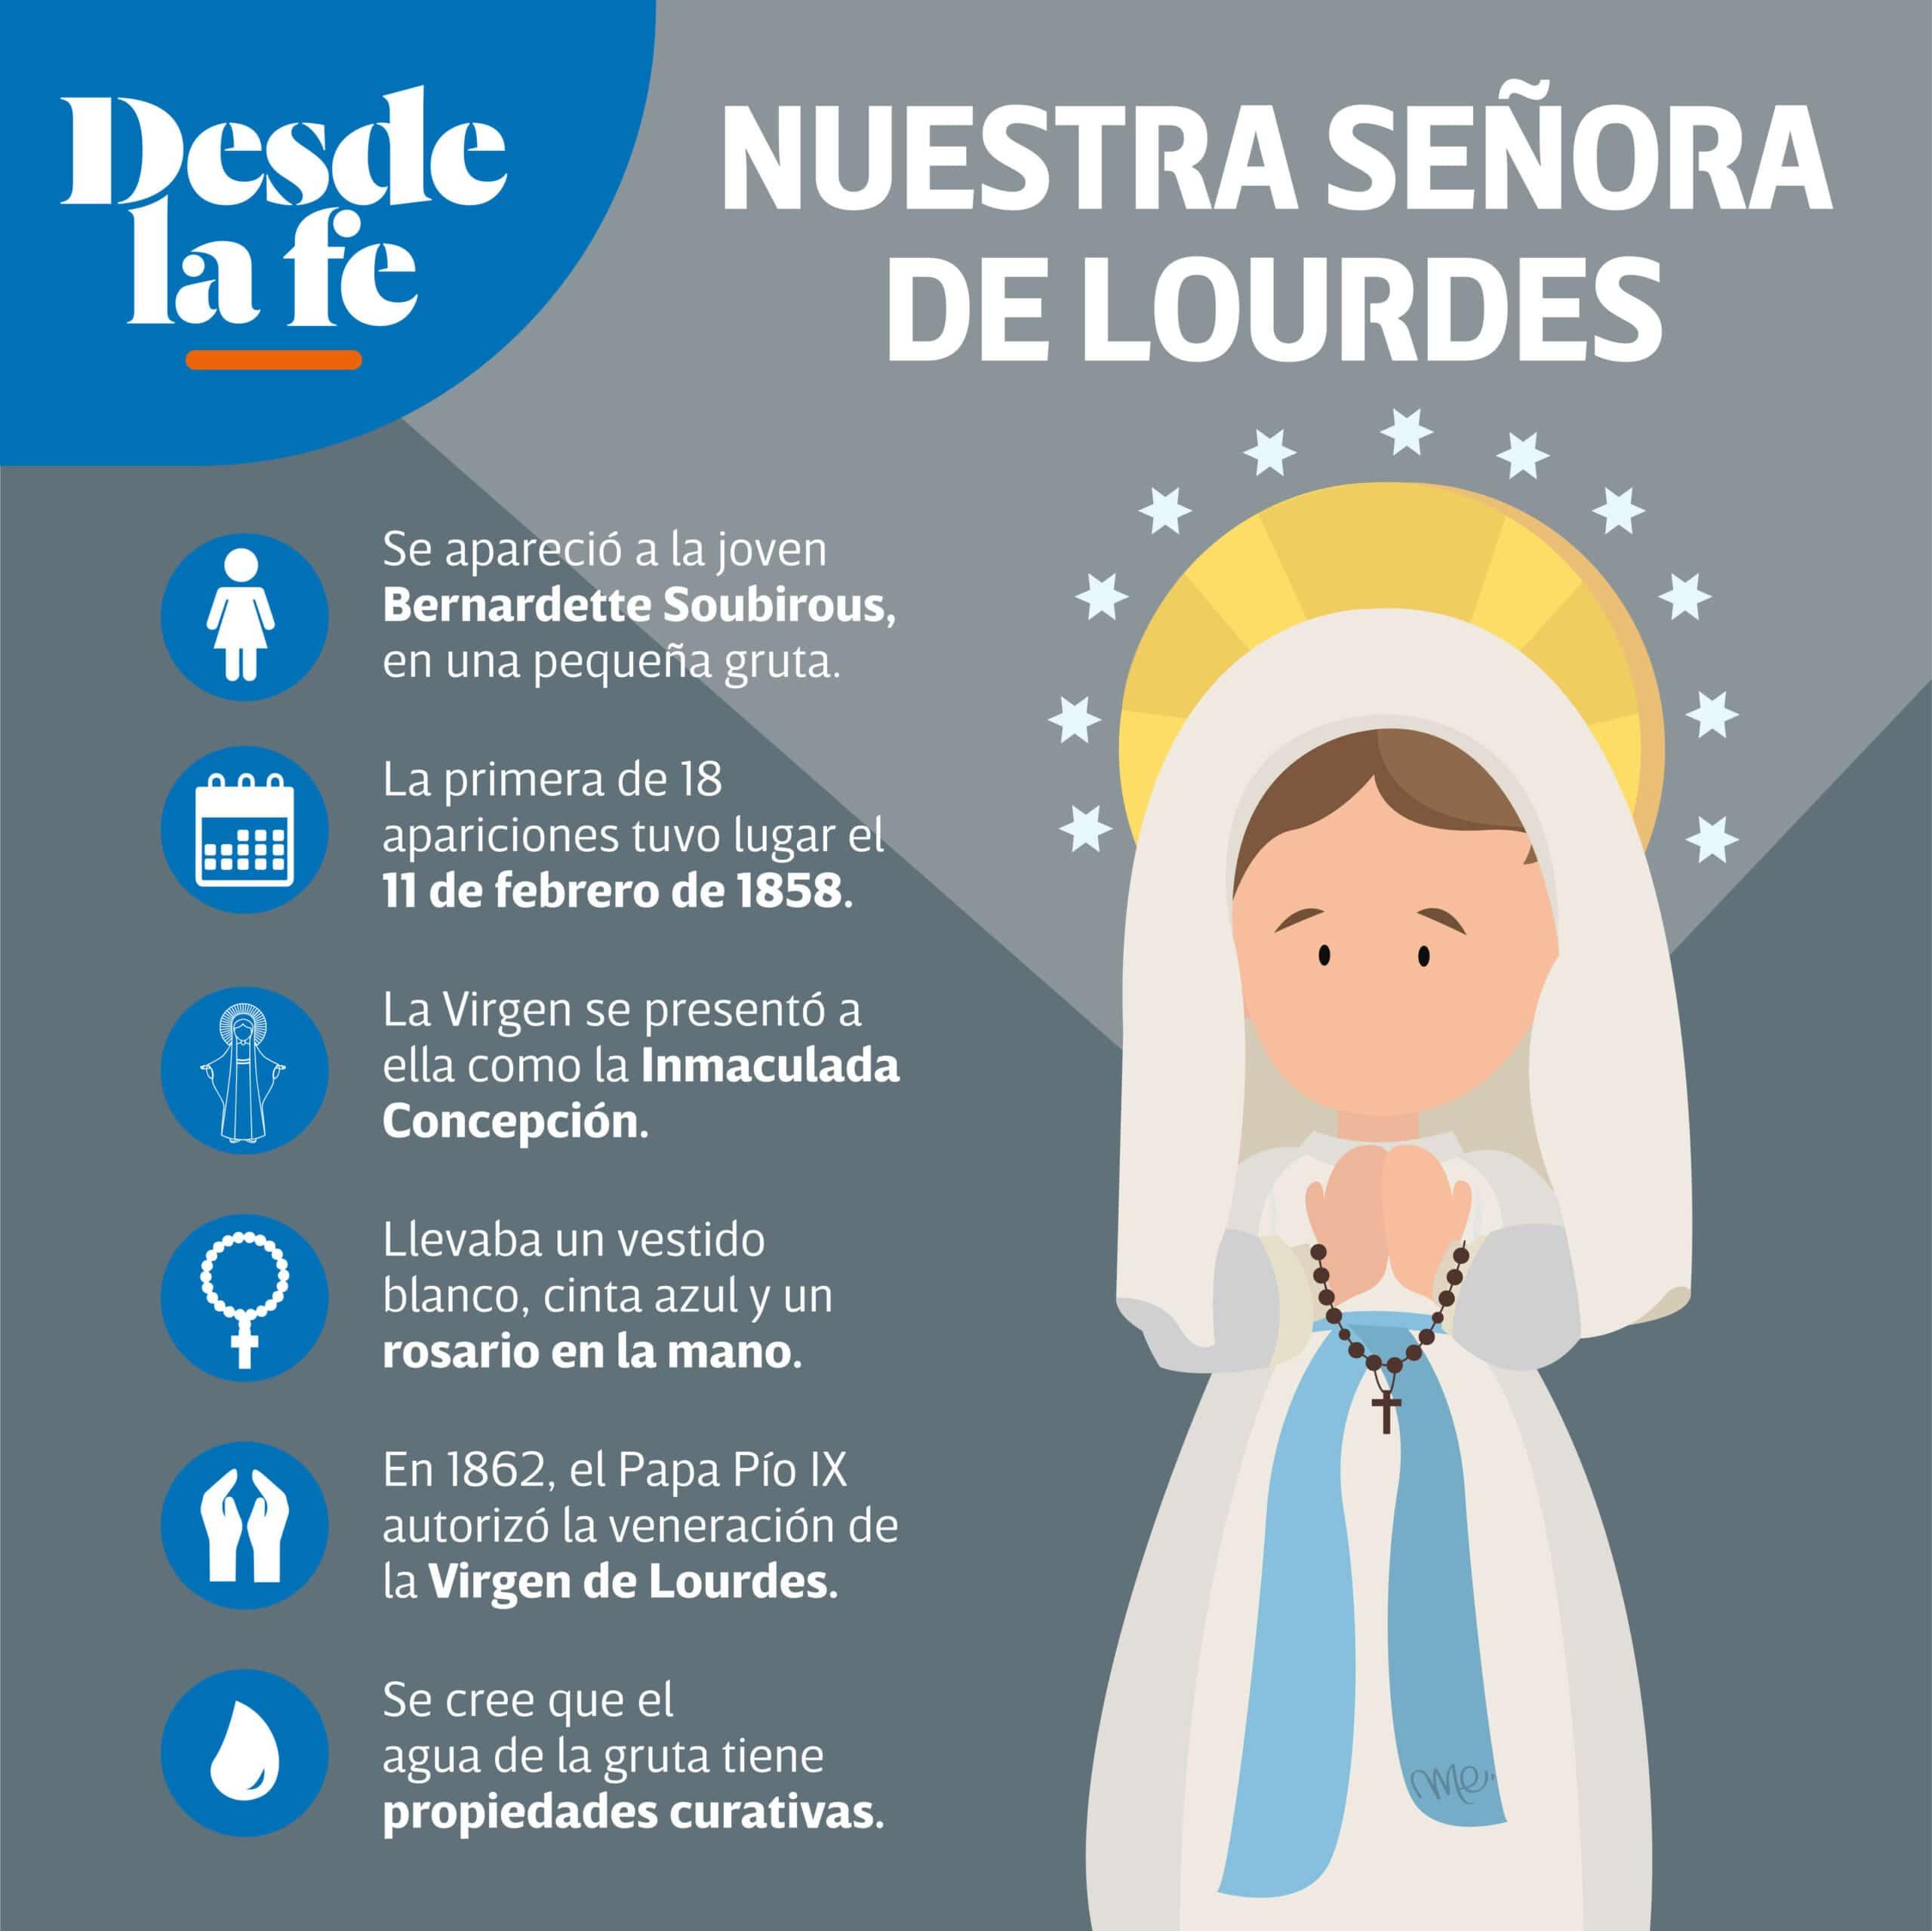 Historia de Nuestra Señora de Lourdes.